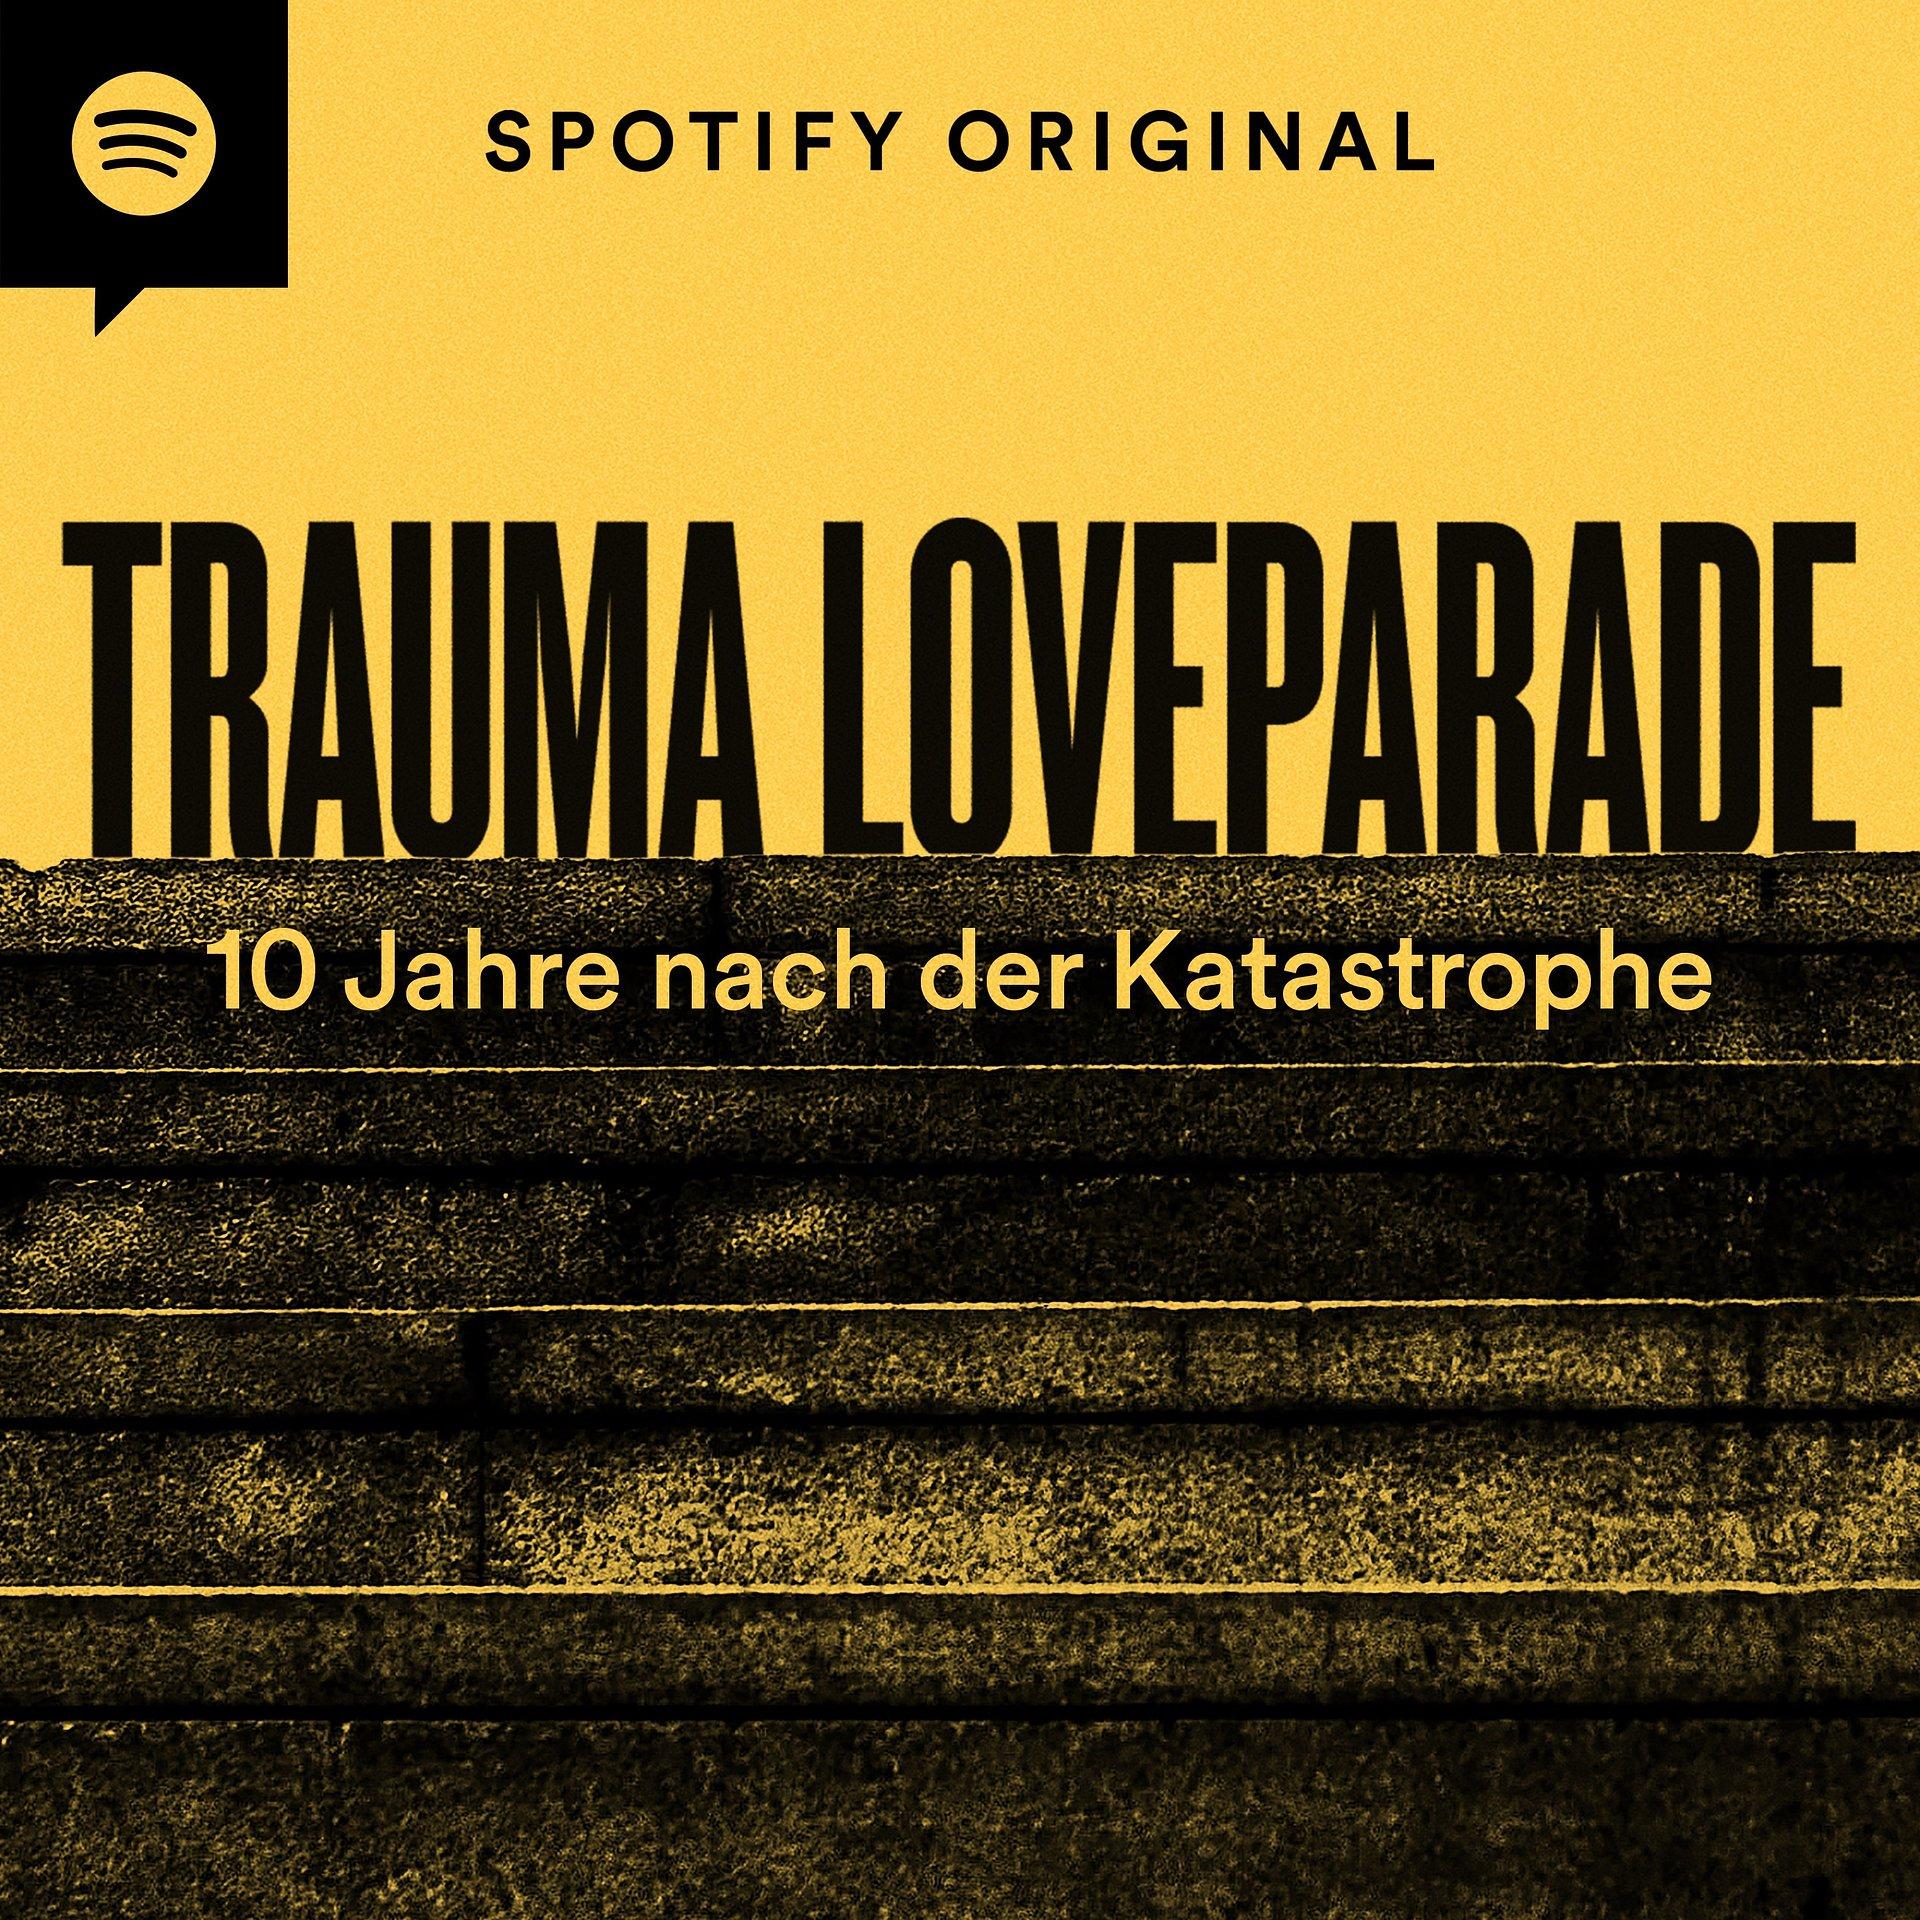 """""""Trauma Loveparade - 10 Jahre nach der Katastrophe"""" – neuer Spotify Original Podcast zum Jahrestag"""